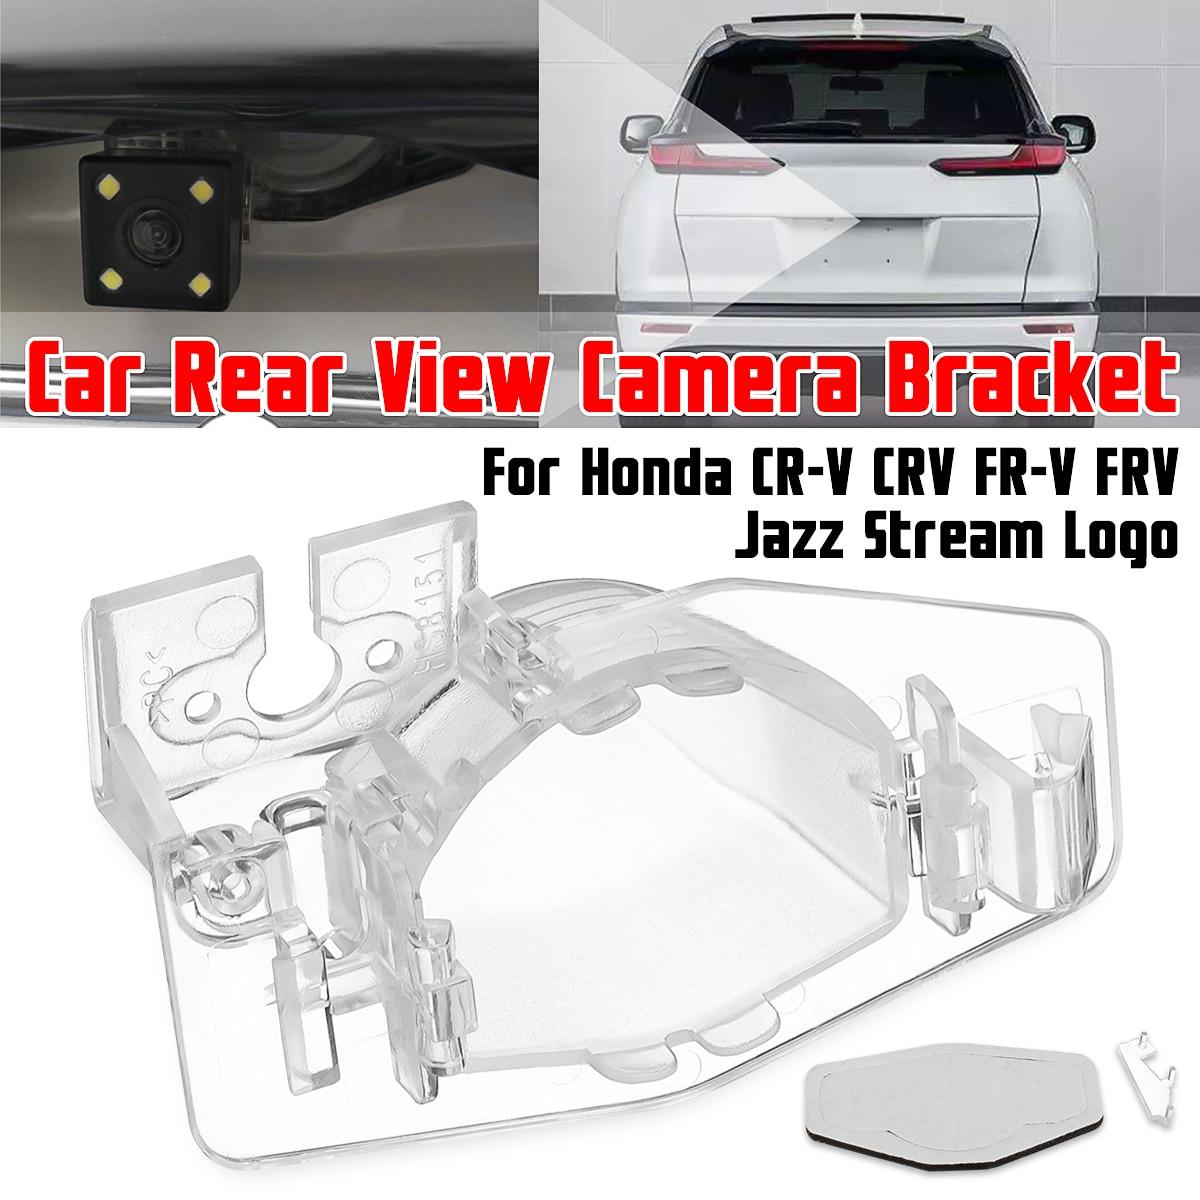 Estacionamento Rear View Camera License Plate Bracket Caso Capa Habitação de Montagem para Honda Para CR-V CRV FRV FR-V Jazz fluxo de Logotipo